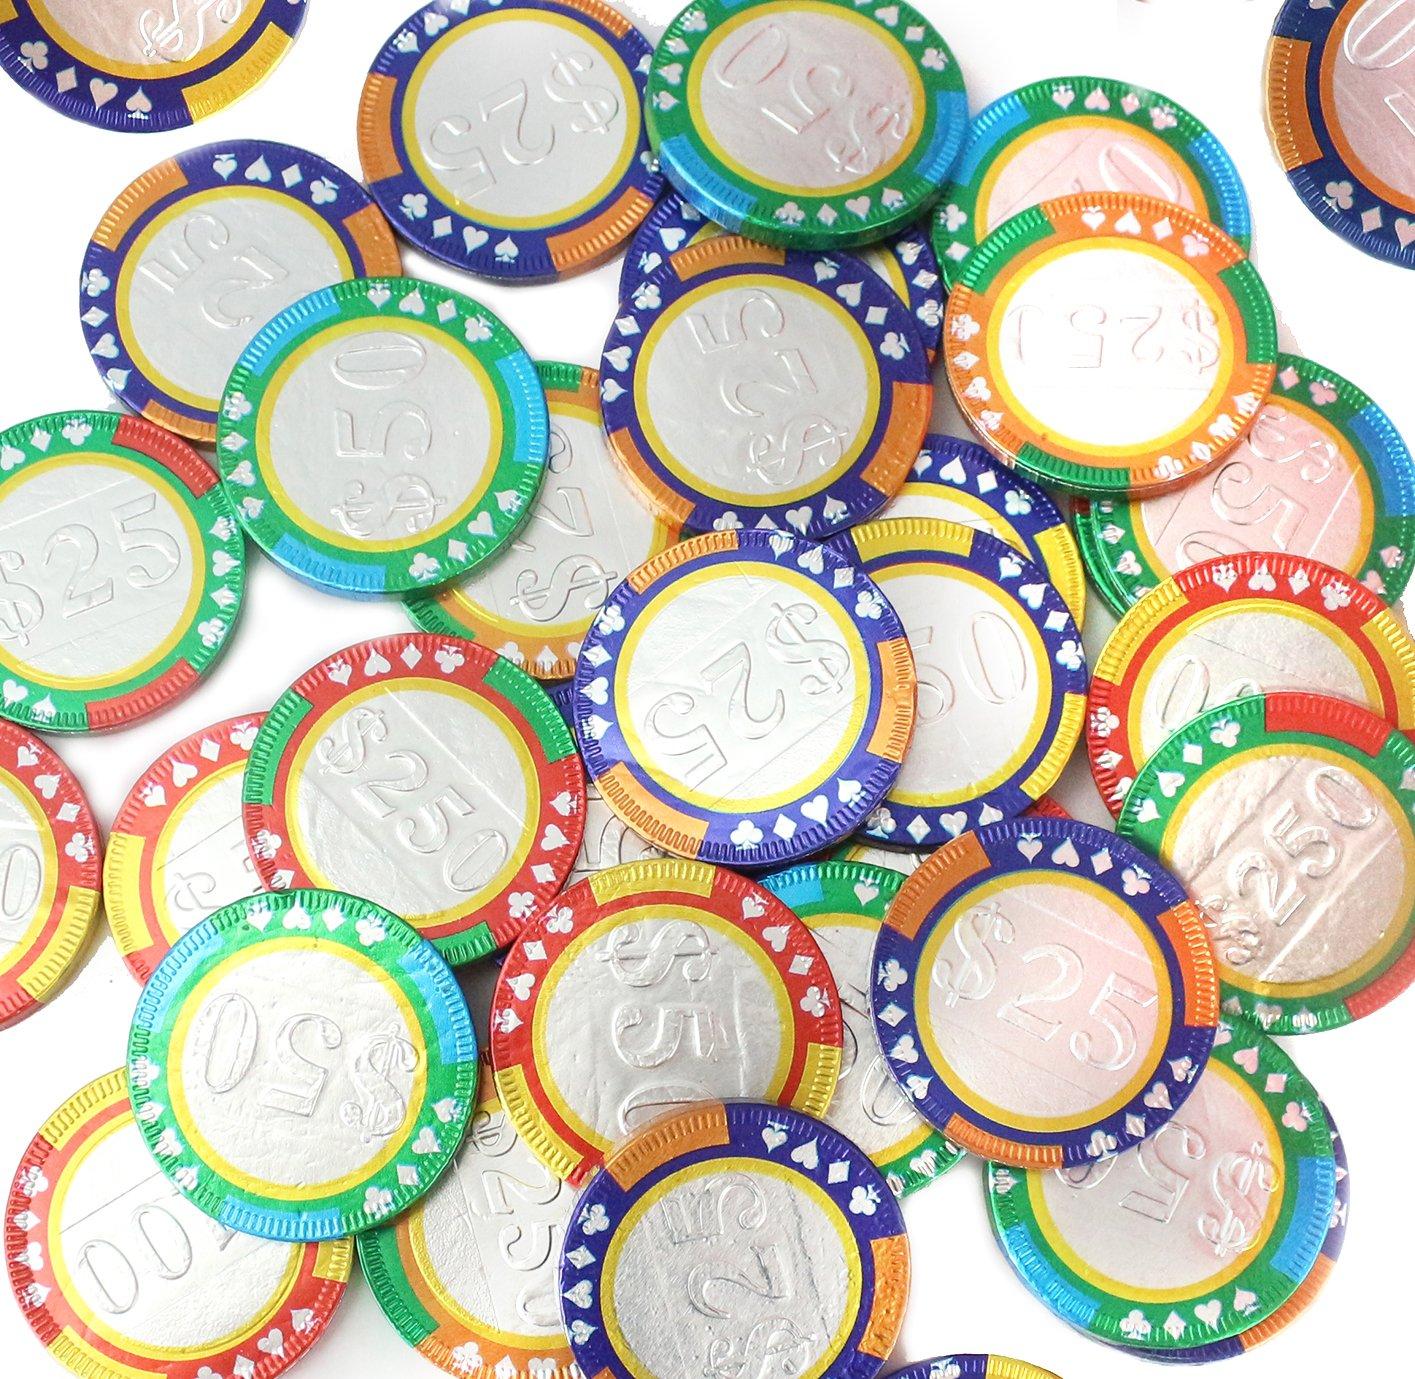 Maletin poker lidl 2013